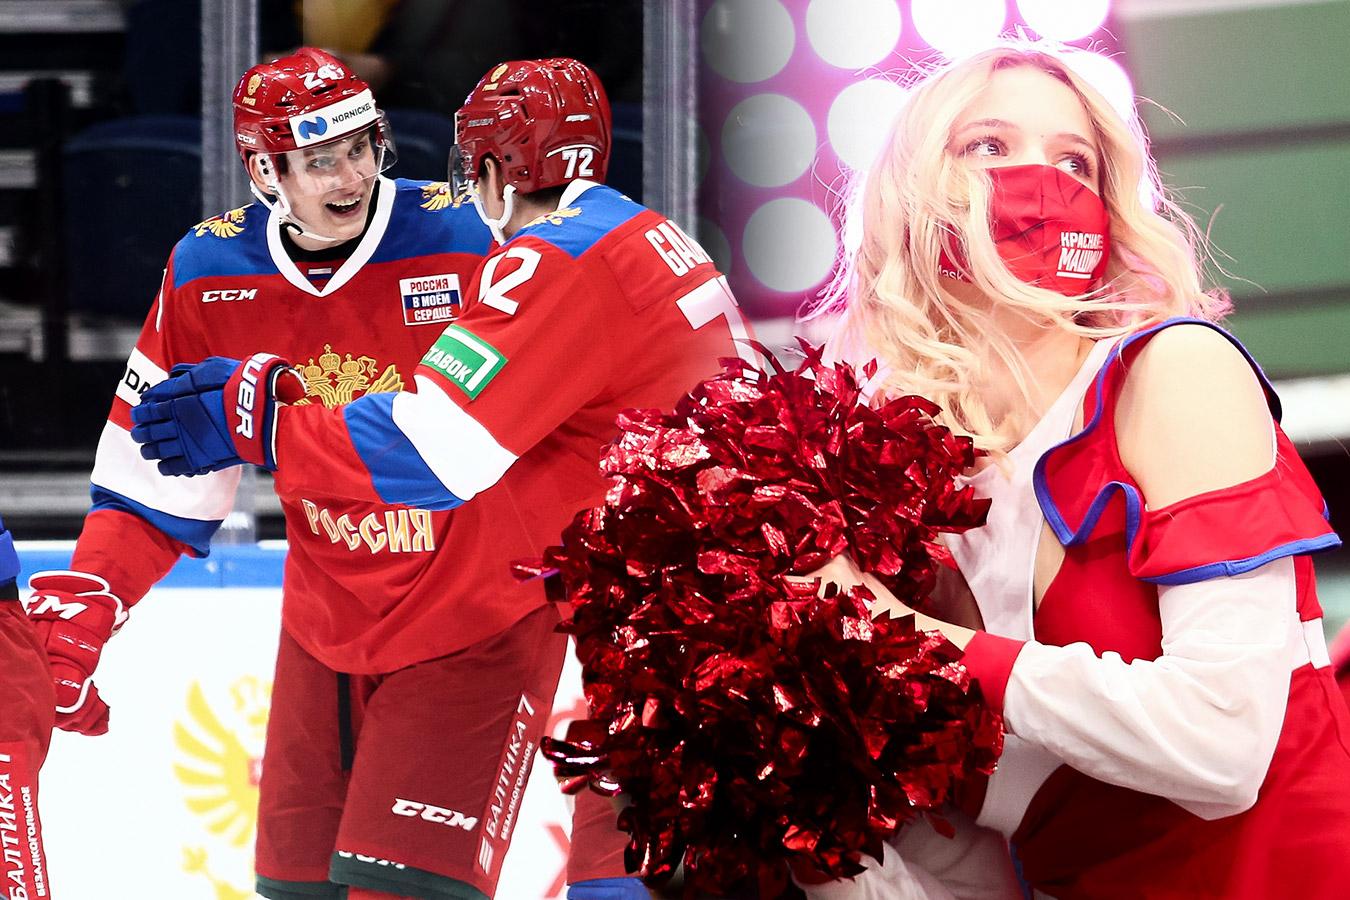 Сборная феерила, чирлидерши танцевали, фанаты вывесили триколор. Россия — Беларусь: фото